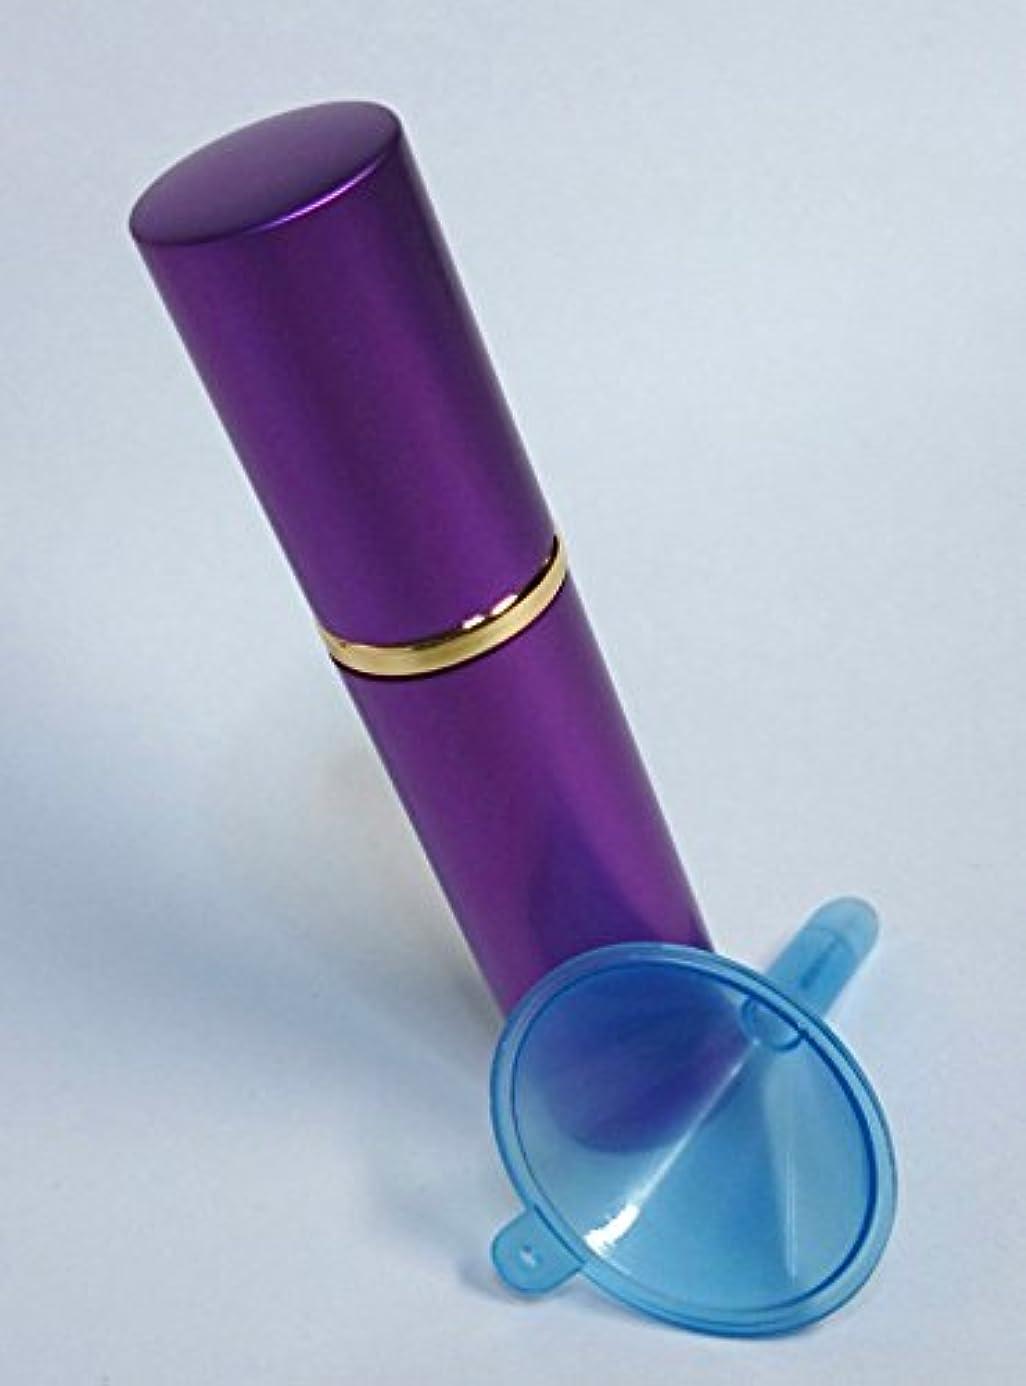 しっとり自動車ふけるChicca Cerchio (キッカチェルキオ) 大人香るアトマイザー メタル パープル 男女兼用 香水入れ ロート付き (紫)